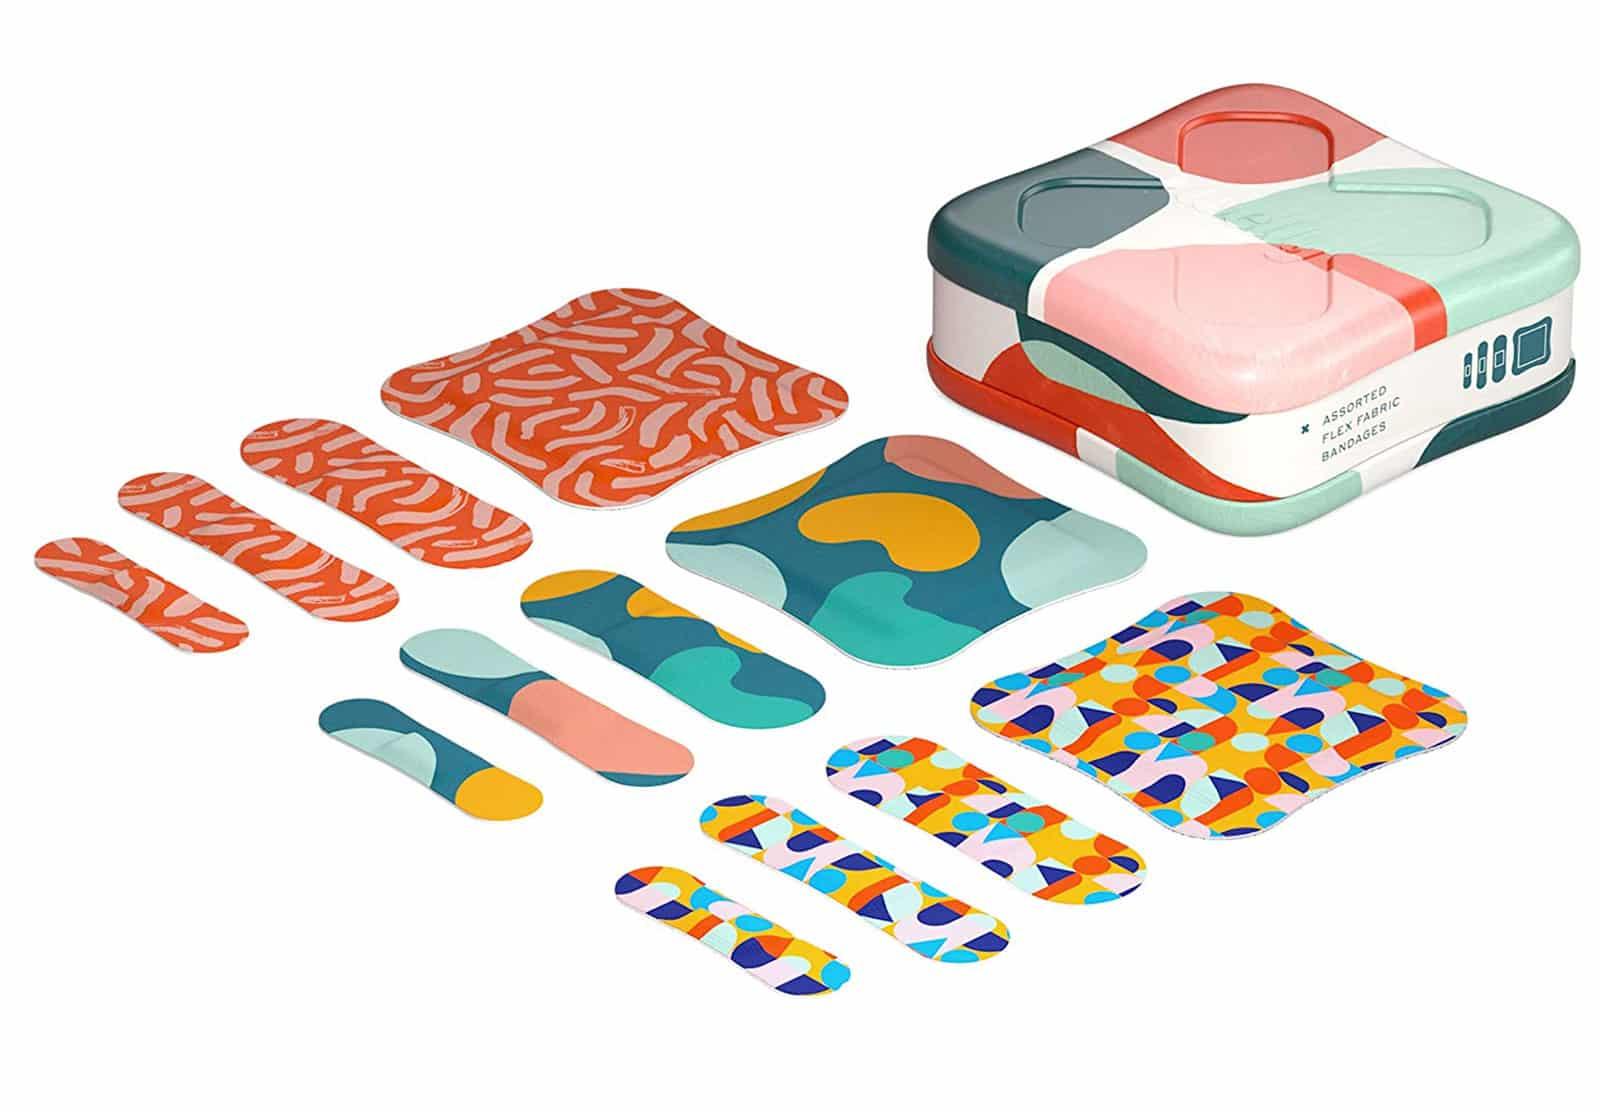 Botanical-print bandages